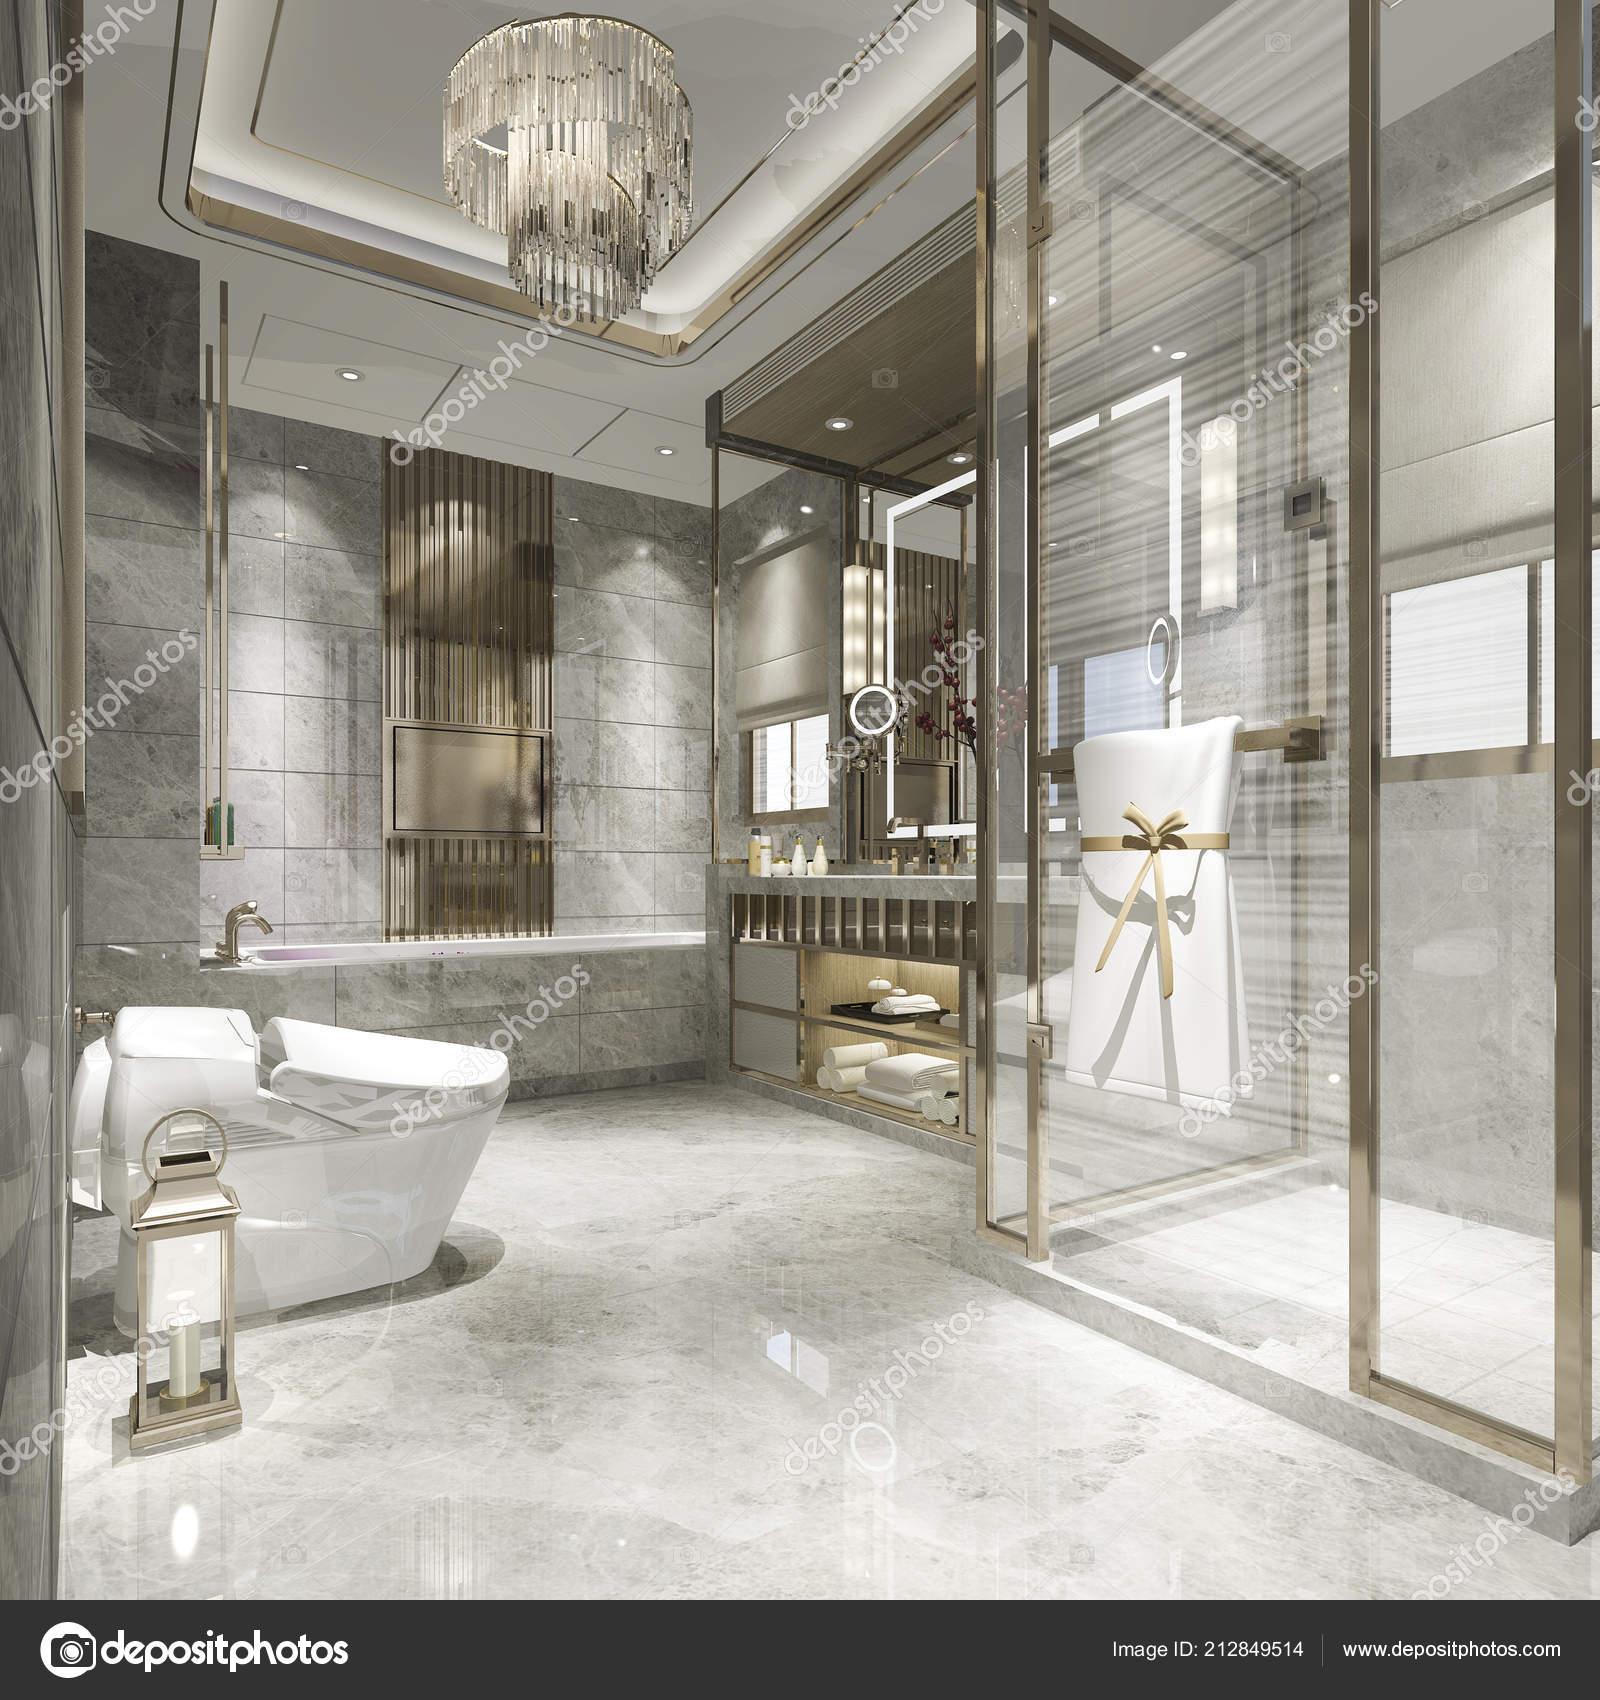 Merveilleux 3D Salle De Bains à Moderne De Rendu Avec Luxe Carrelage Décorationu2013 Images  De Stock Libres De Droits